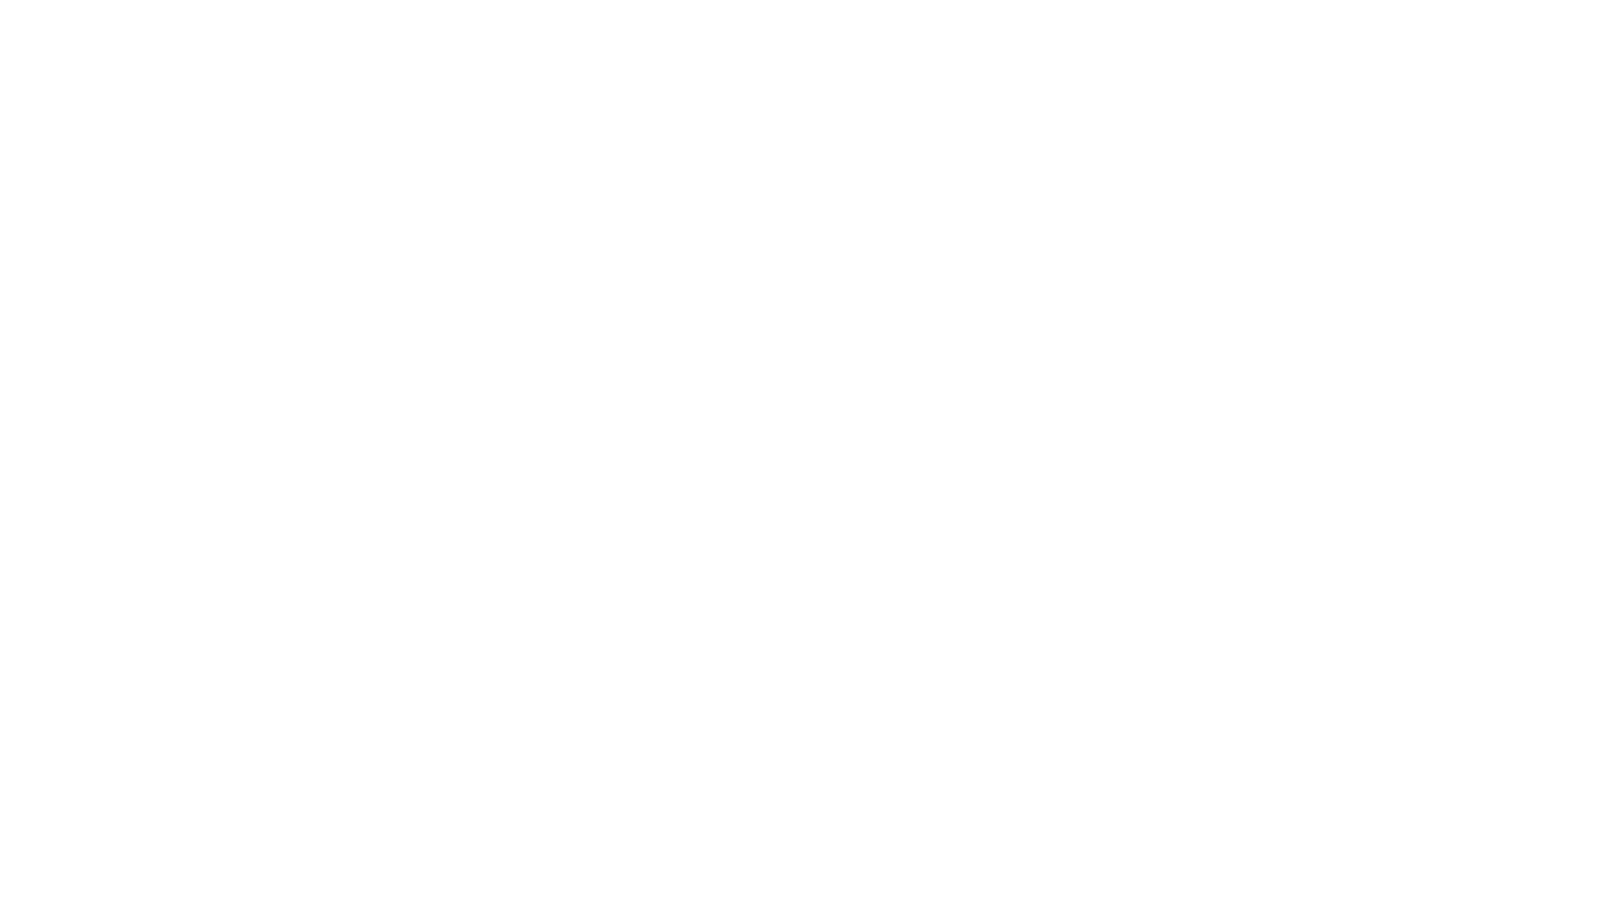 Les solutions de fiabilisation des équipements industrie 4.0 Jean-Luc PIERRIEAU, Business Developpement, SCHAEFFLER France Le groupe Schaeffler est un équipementier automobile et industriel de dimension mondiale. Avec les marques INA et FAG, le groupe Schaeffler conçoit et fabrique des roulements et des guidages linéaires qui garantissent la précision des mouvements des équipements dans le secteur industriel. Schaeffler s'appuie sur des produits intelligents, une production interconnectée, des processus plus efficaces et des services innovants qui rendent possible le monde numérique de demain. Schaeffler propose des réponses innovantes déjà mises en œuvre dans nos 75 usines et déployées chez nos clients. Ces solutions de fiabilisation d'équipements s'appuient sur les technologies Edge et Cloud qui sont souvent mise en opposition alors qu'elles se complètent parfaitement pour répondre aux différents besoins de nos clients. Notre vision stratégique vise à maitriser les coûts de revient et à améliorer la performance des process et non plus uniquement des équipements. Les produits et services que nous présentons sont pour le Edge/Cloud, les SmartCheck et ProLink et pour le Cloud, la solution complète et autonome, OPTIME. Les SmartCheck/ProLink sont des solutions IoT filaires interconnectées avec les automates et supervision de nos clients qui peut remonter toutes les données et les diagnostics au Cloud Schaeffler ou d'un tiers. OPTIME est une solution IoT, autonome et sans fil pour 96% des équipements rotatifs et linéaires.